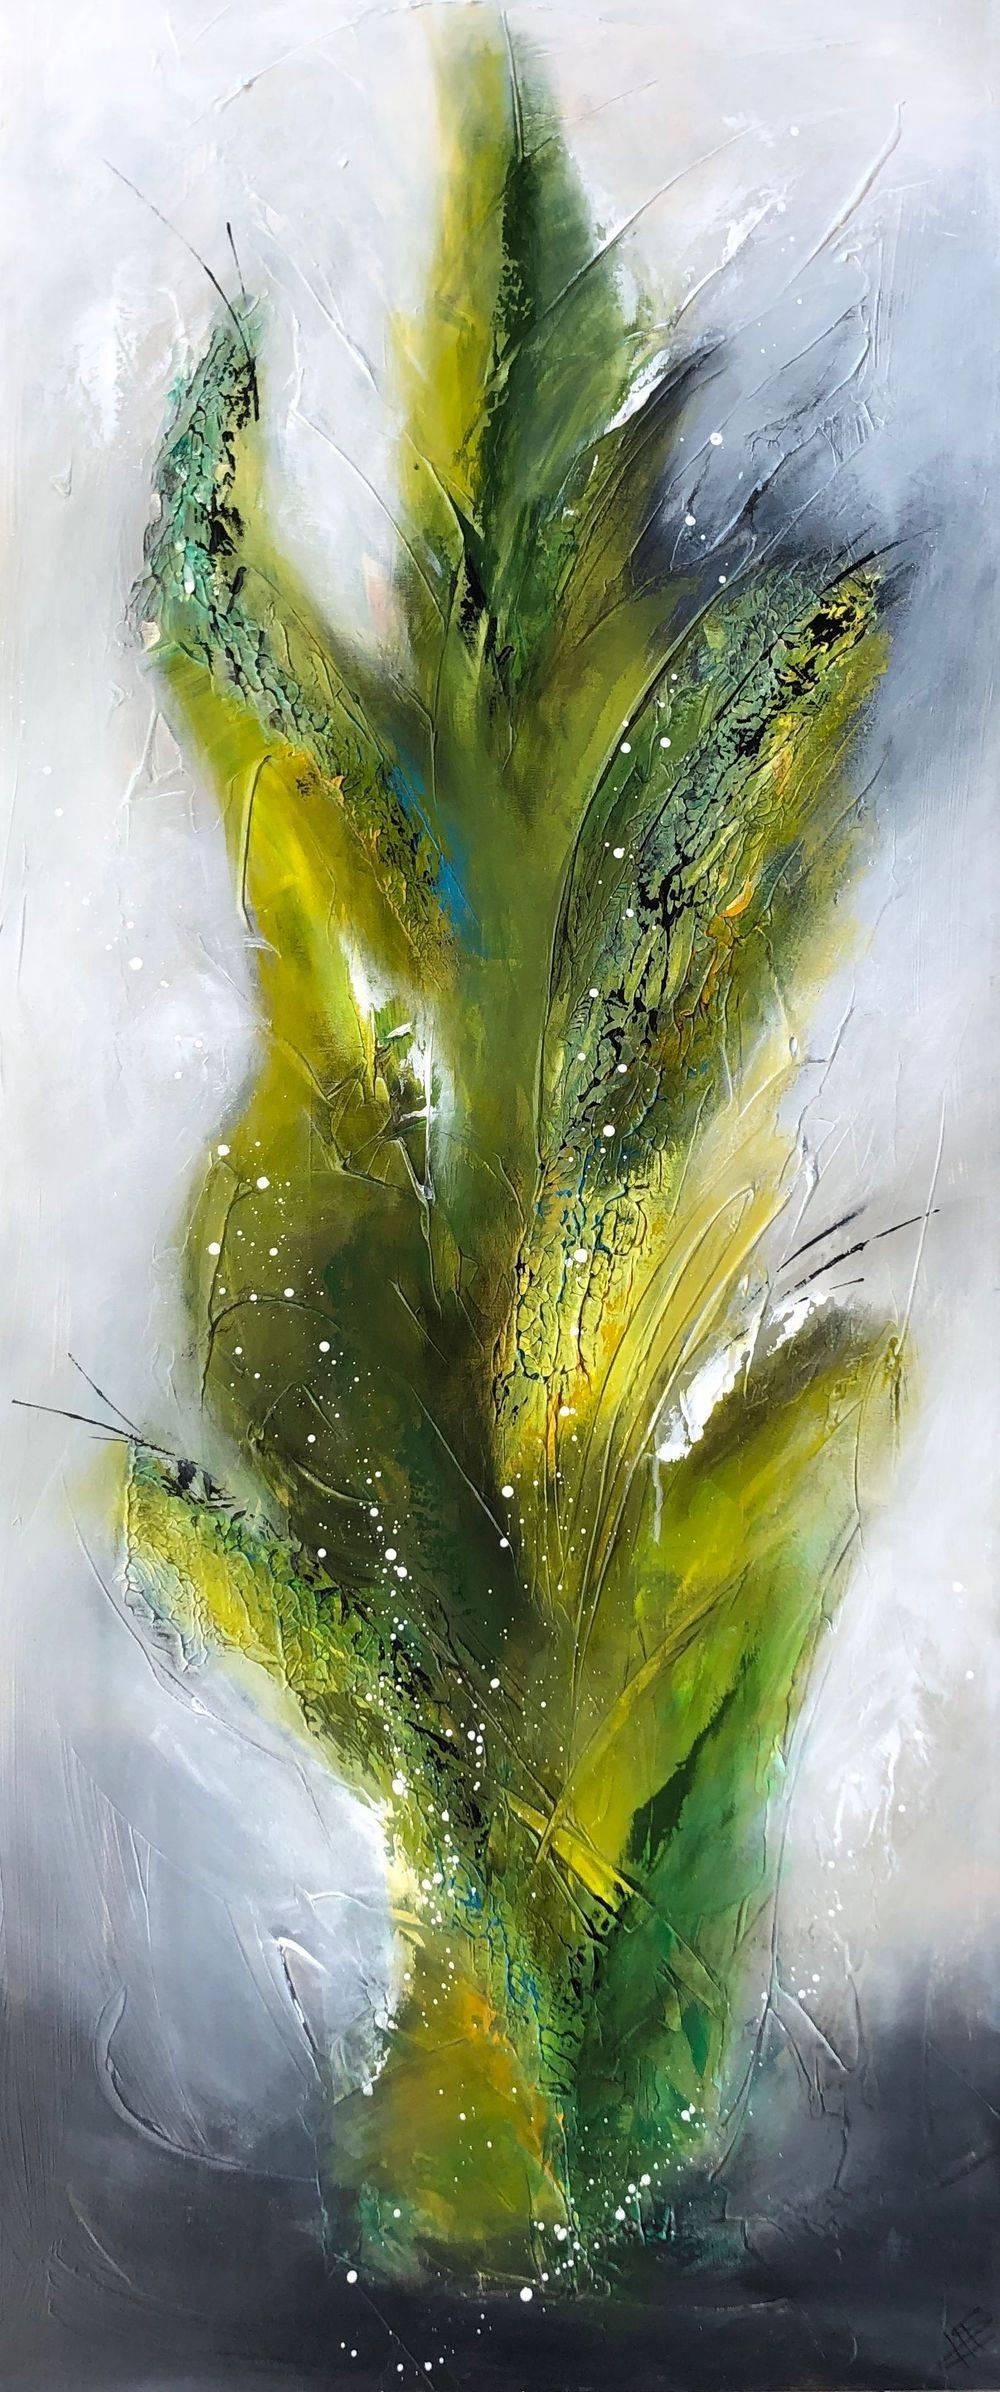 moderne-malerier-til-salg-grøn